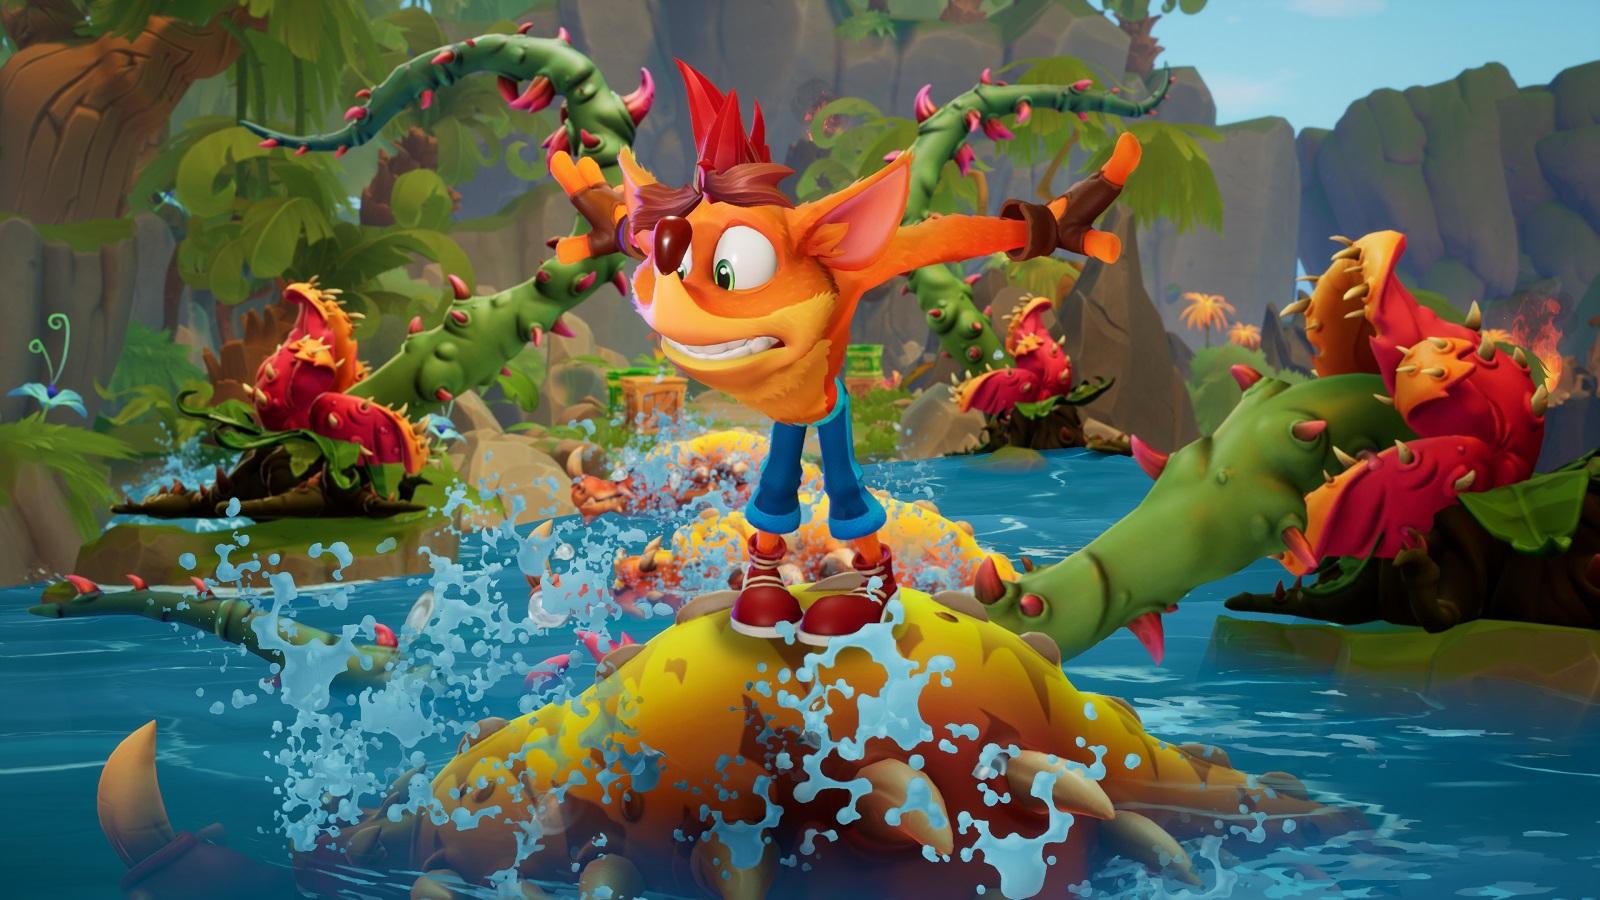 ПК-версия Crash Bandicoot 4: It's About Time выйдет через две недели